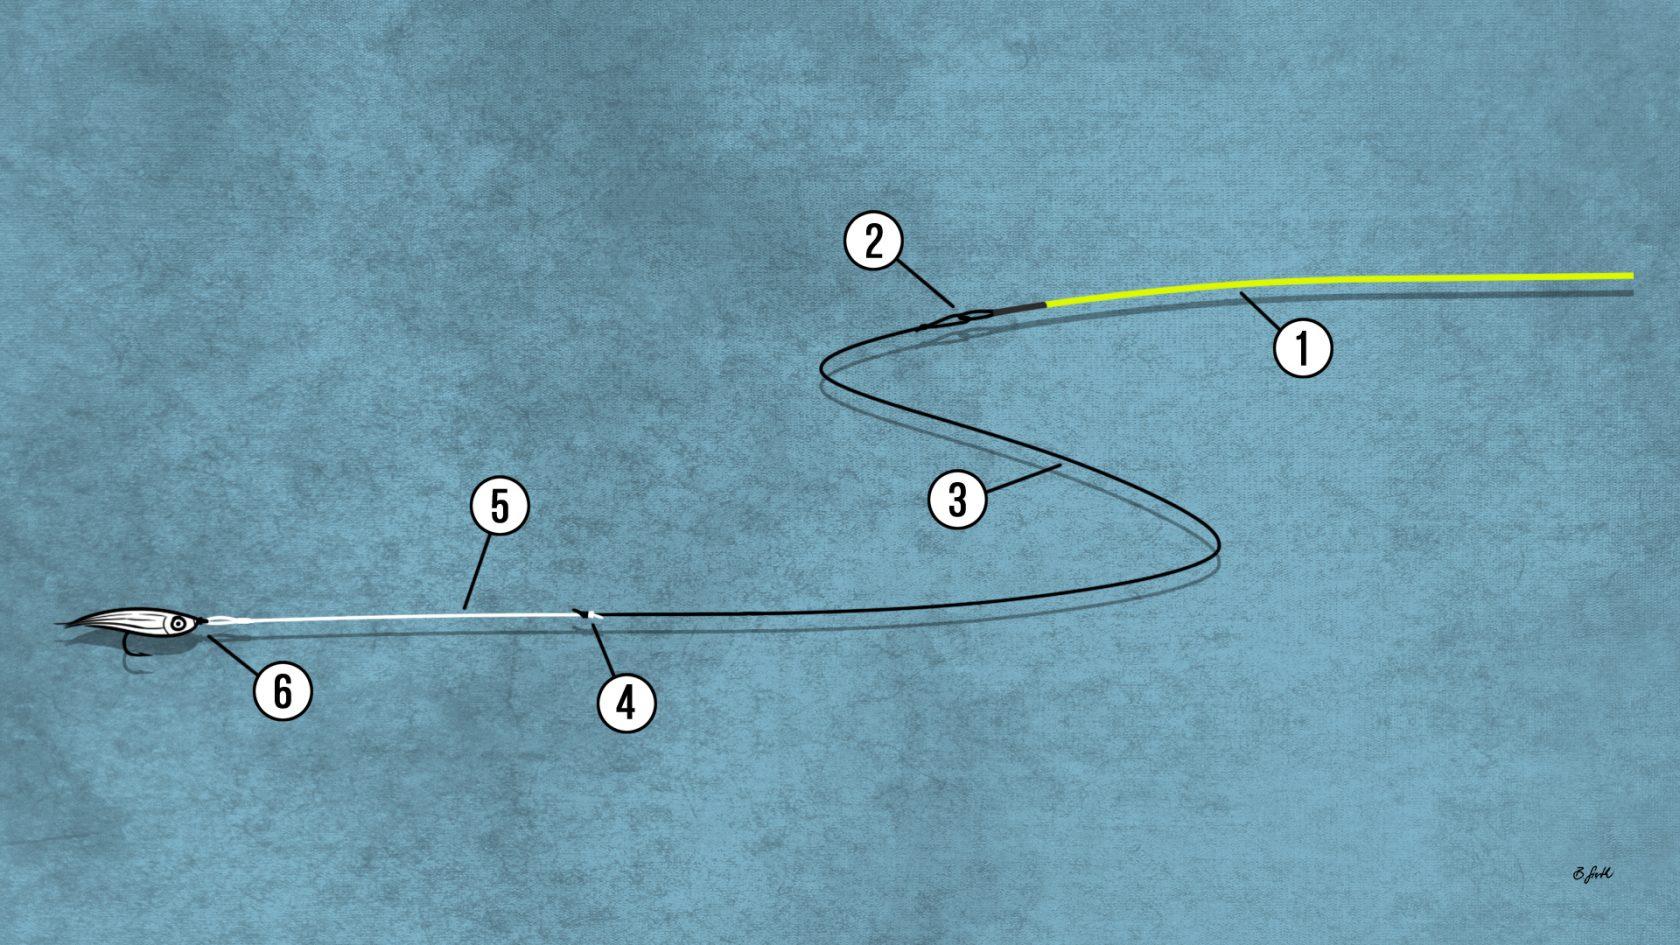 Vorfach-Montage Streamerfischen mit Sinkvorfach